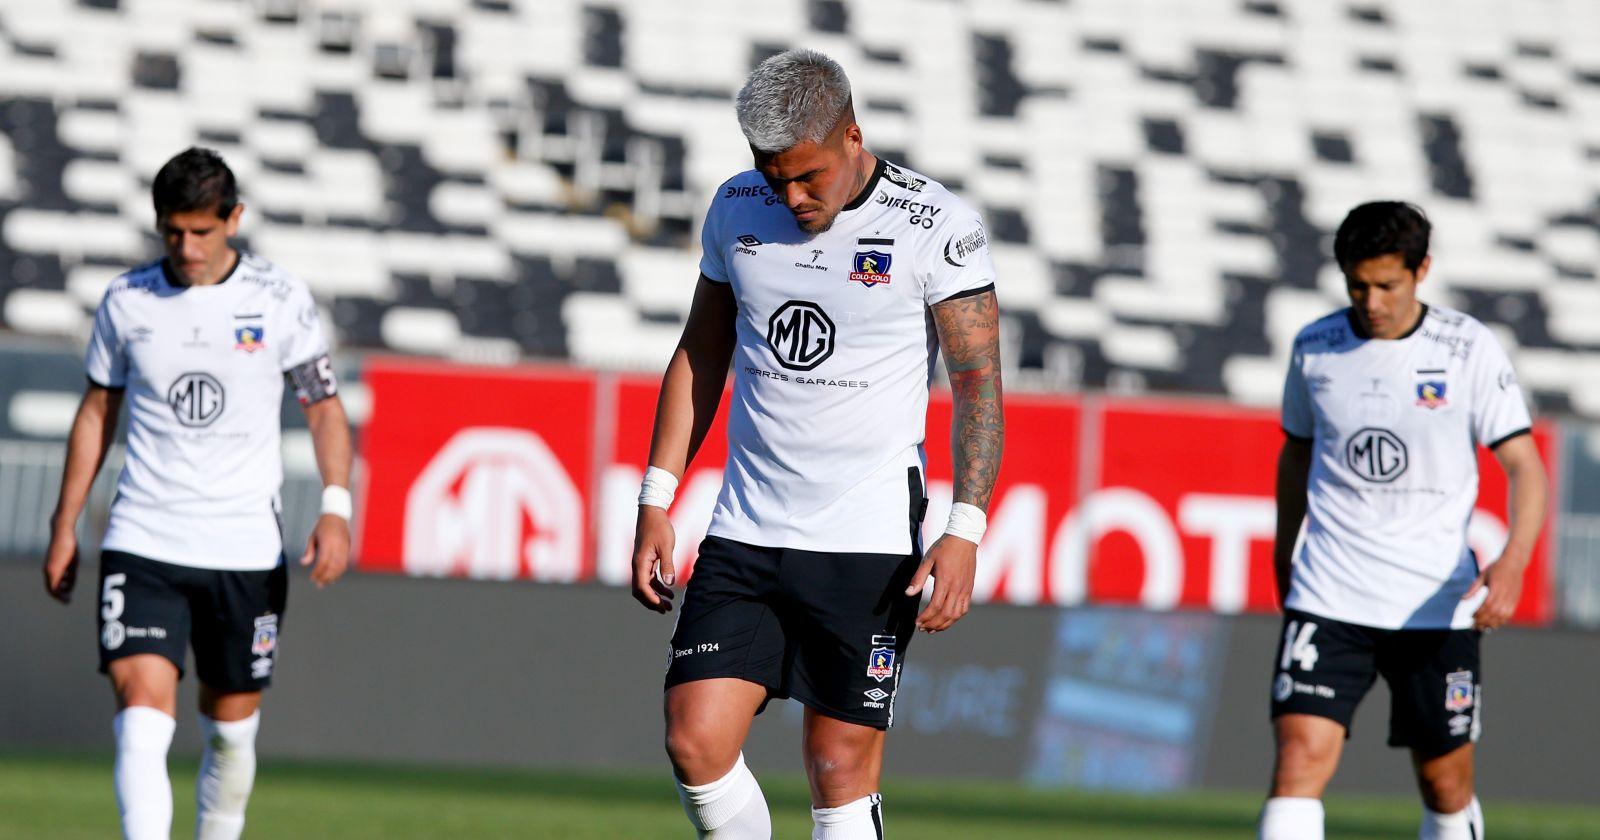 Caos en Colo Colo: deberá jugar ante Deportes Antofagasta sin entrenar